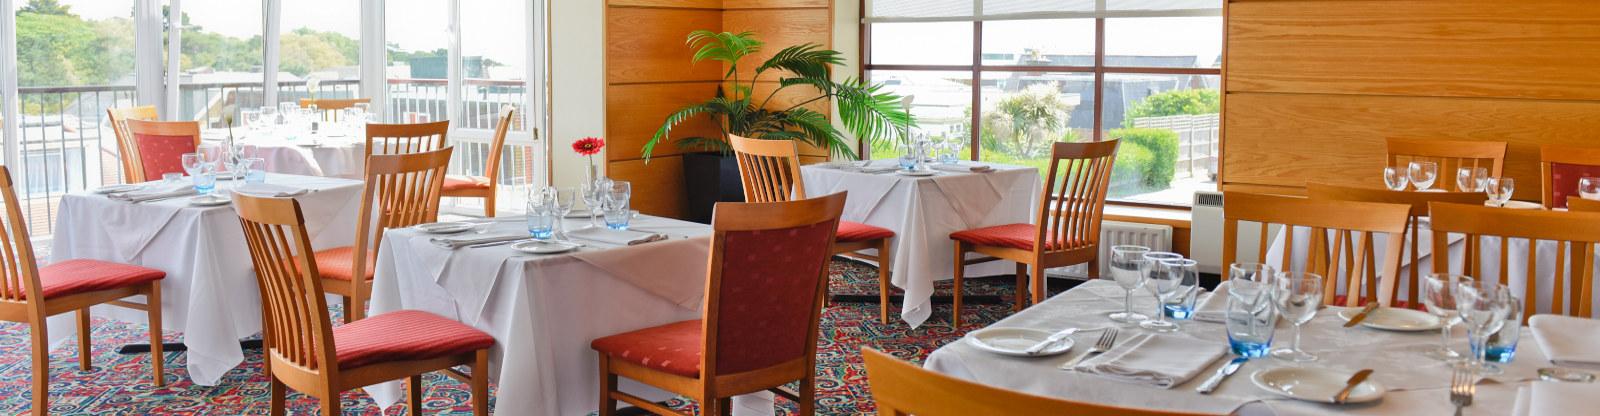 restaurant-bar-riviera-hotel-bournemouth